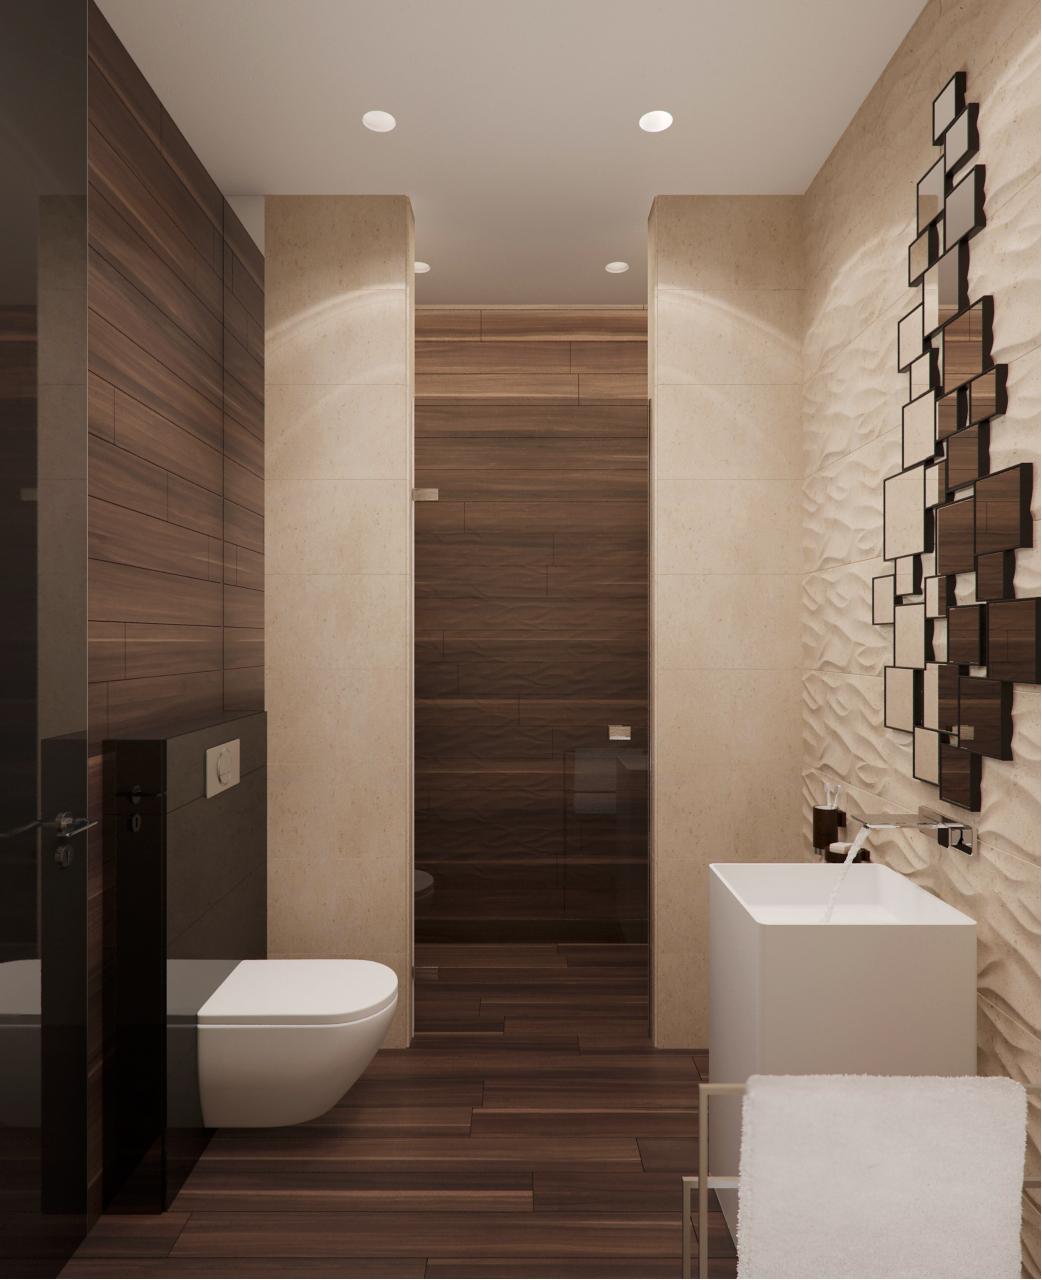 Wedo thiết kế nội thất phòng tắm đẹp, sang trọng với gỗ và đá